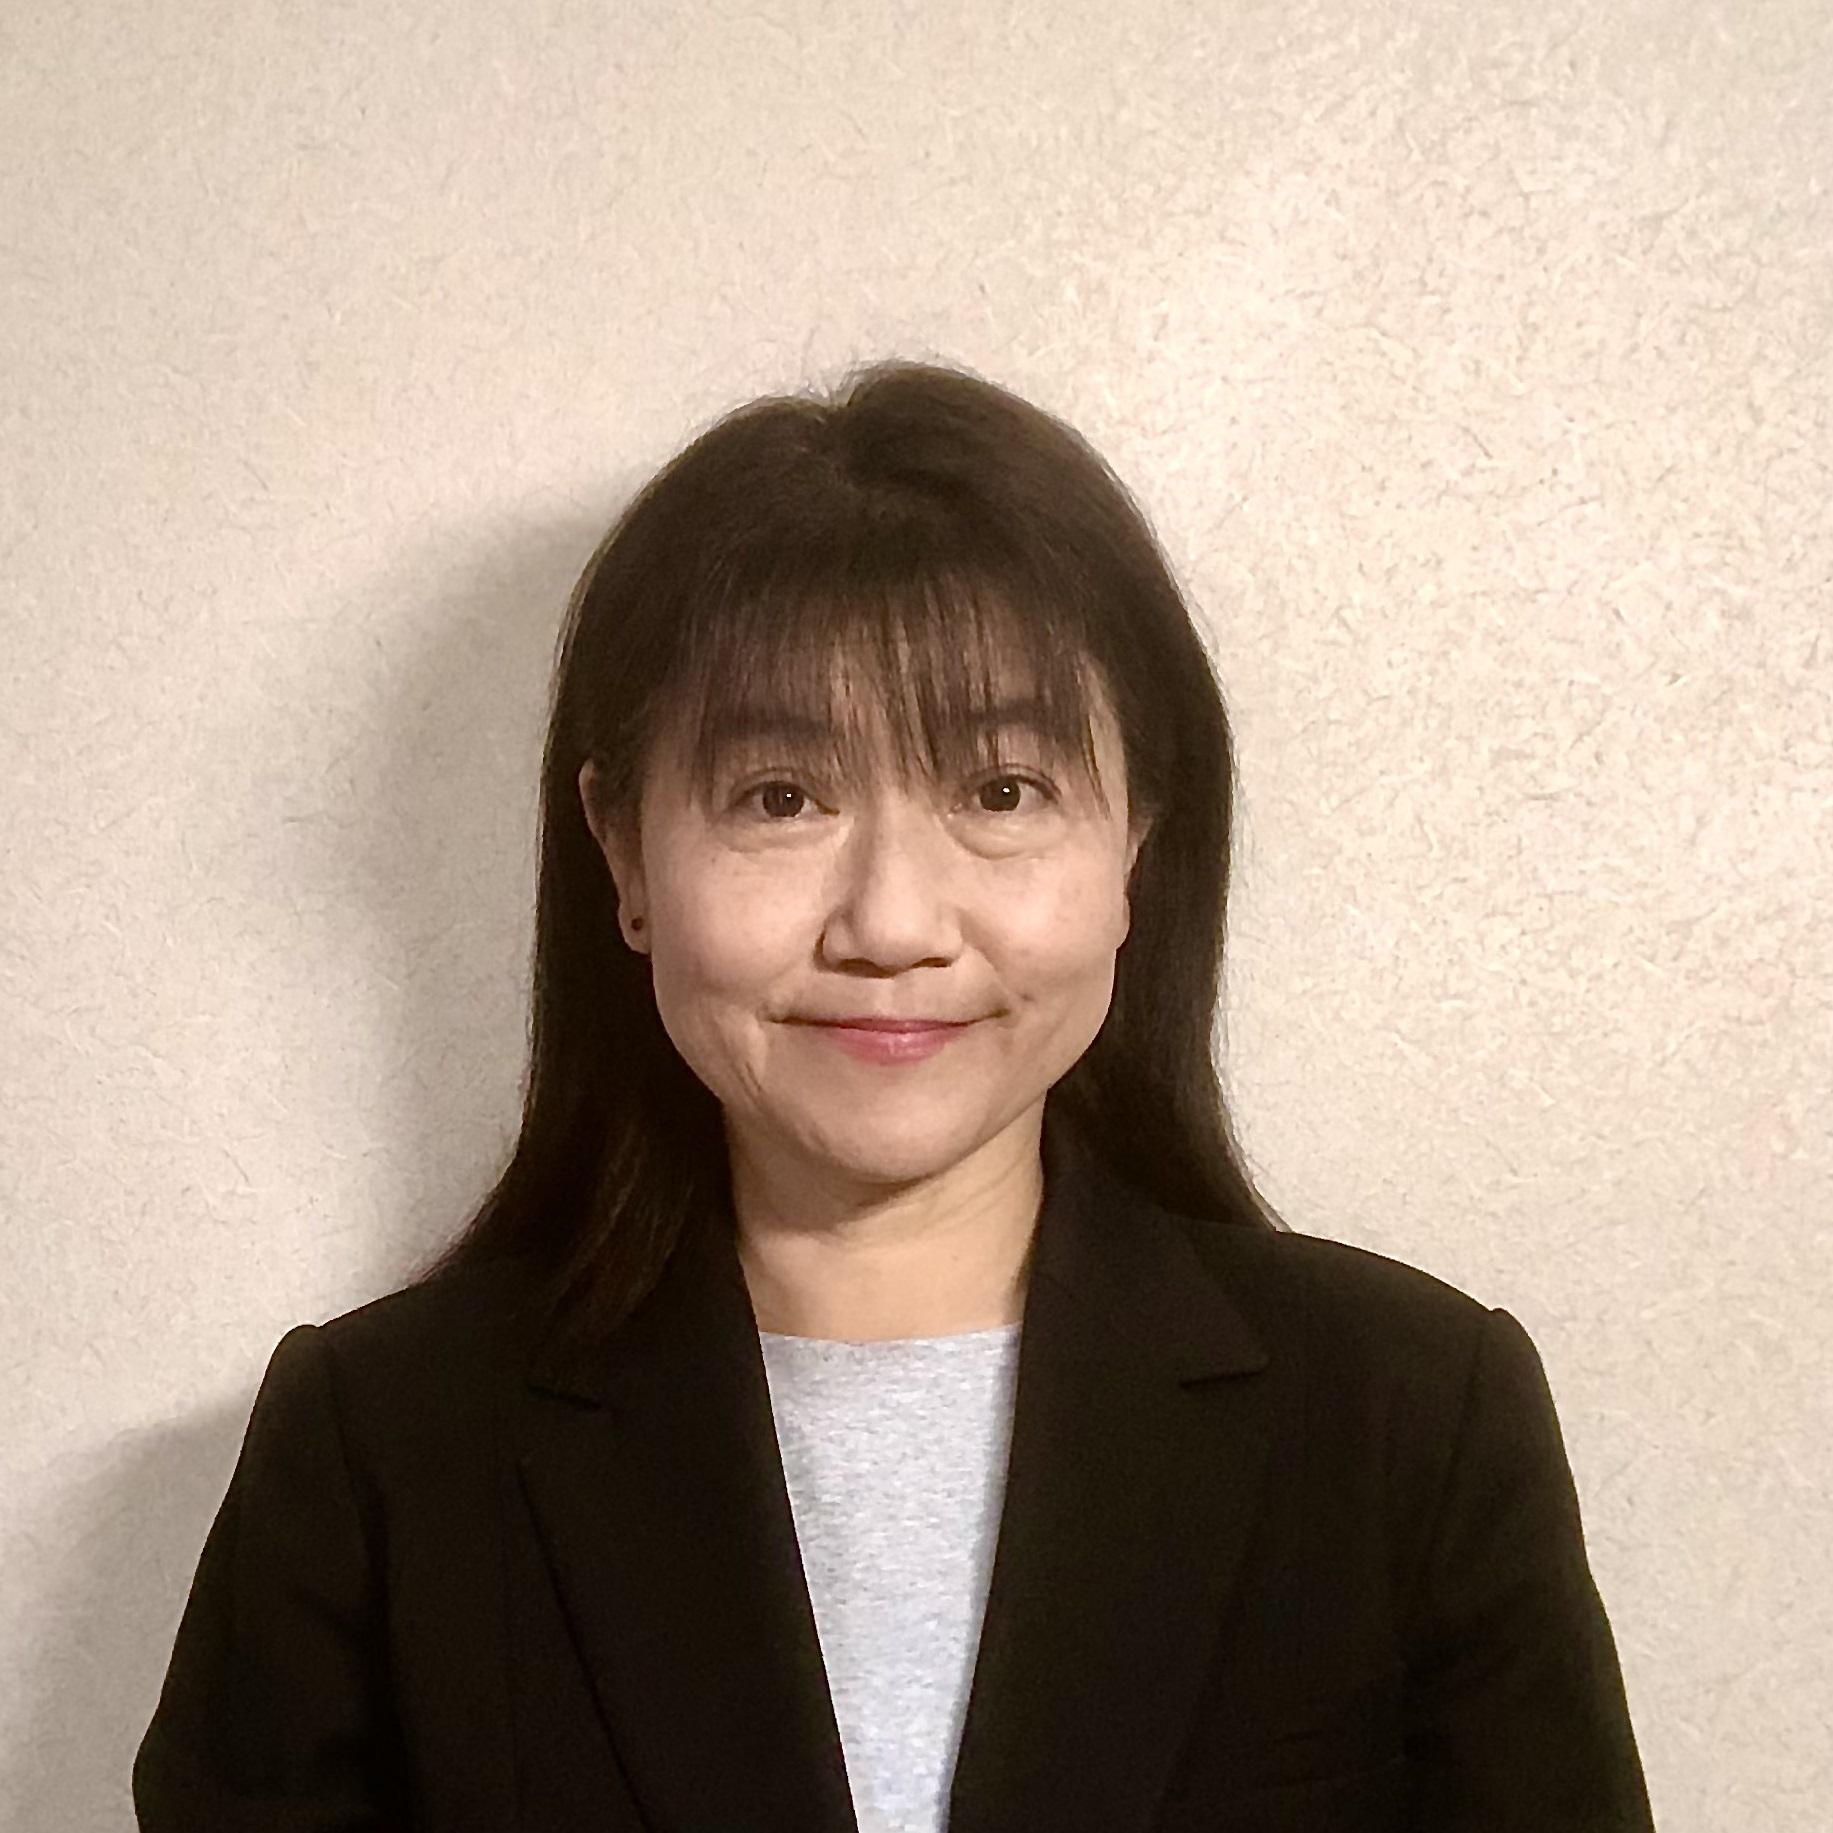 平田由佳(ひらた ゆか)